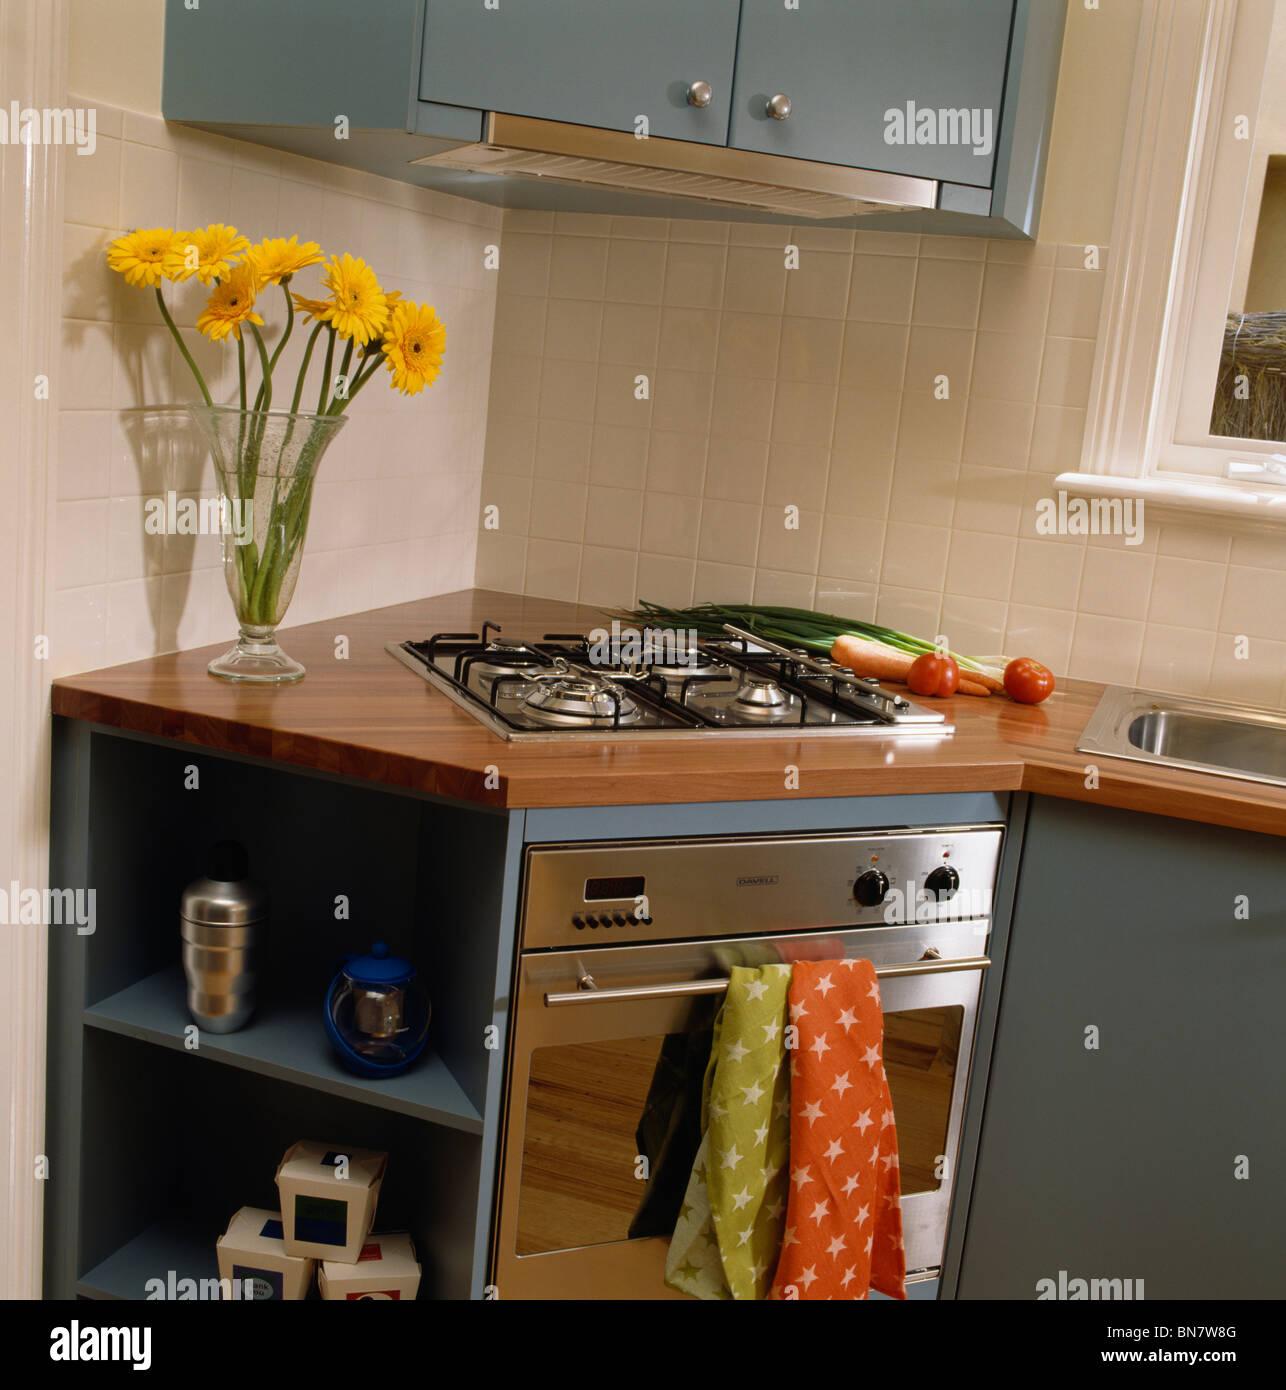 Herd und Backofen ausgestattet Eckschrank in modernen Küche ...